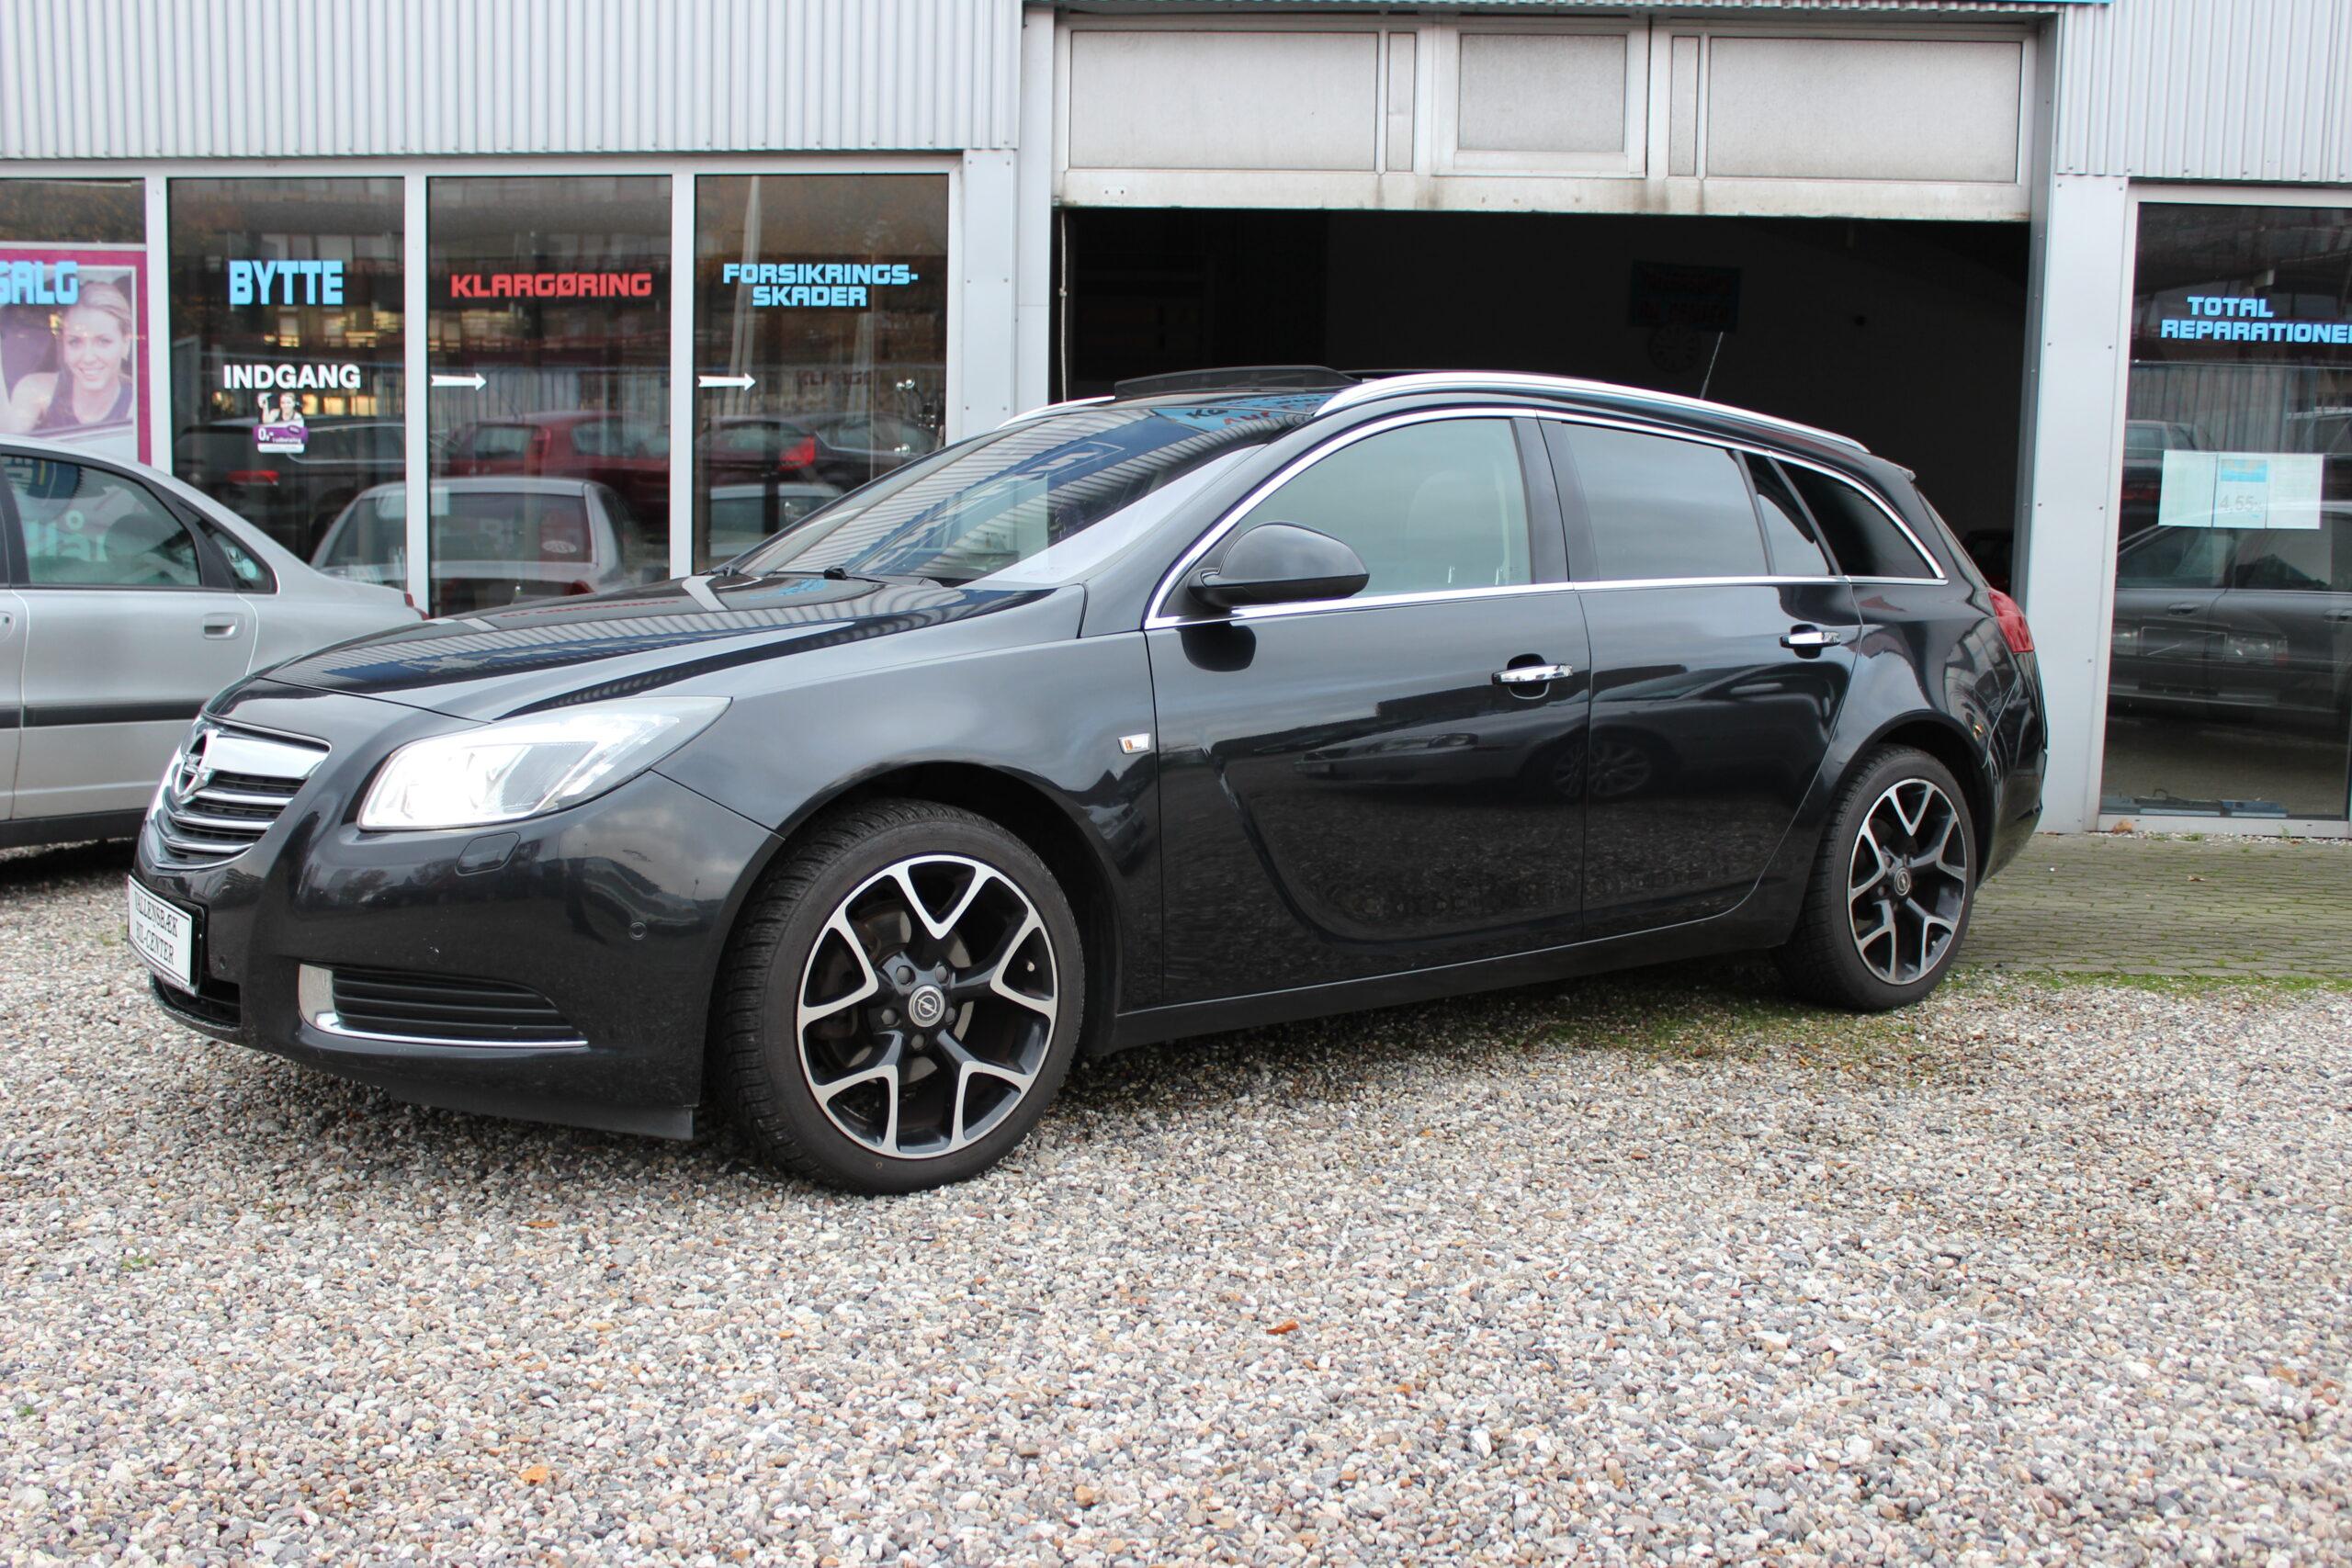 Opel Insignia 2,0 CDTi 130 Cosmo ST eco 5d